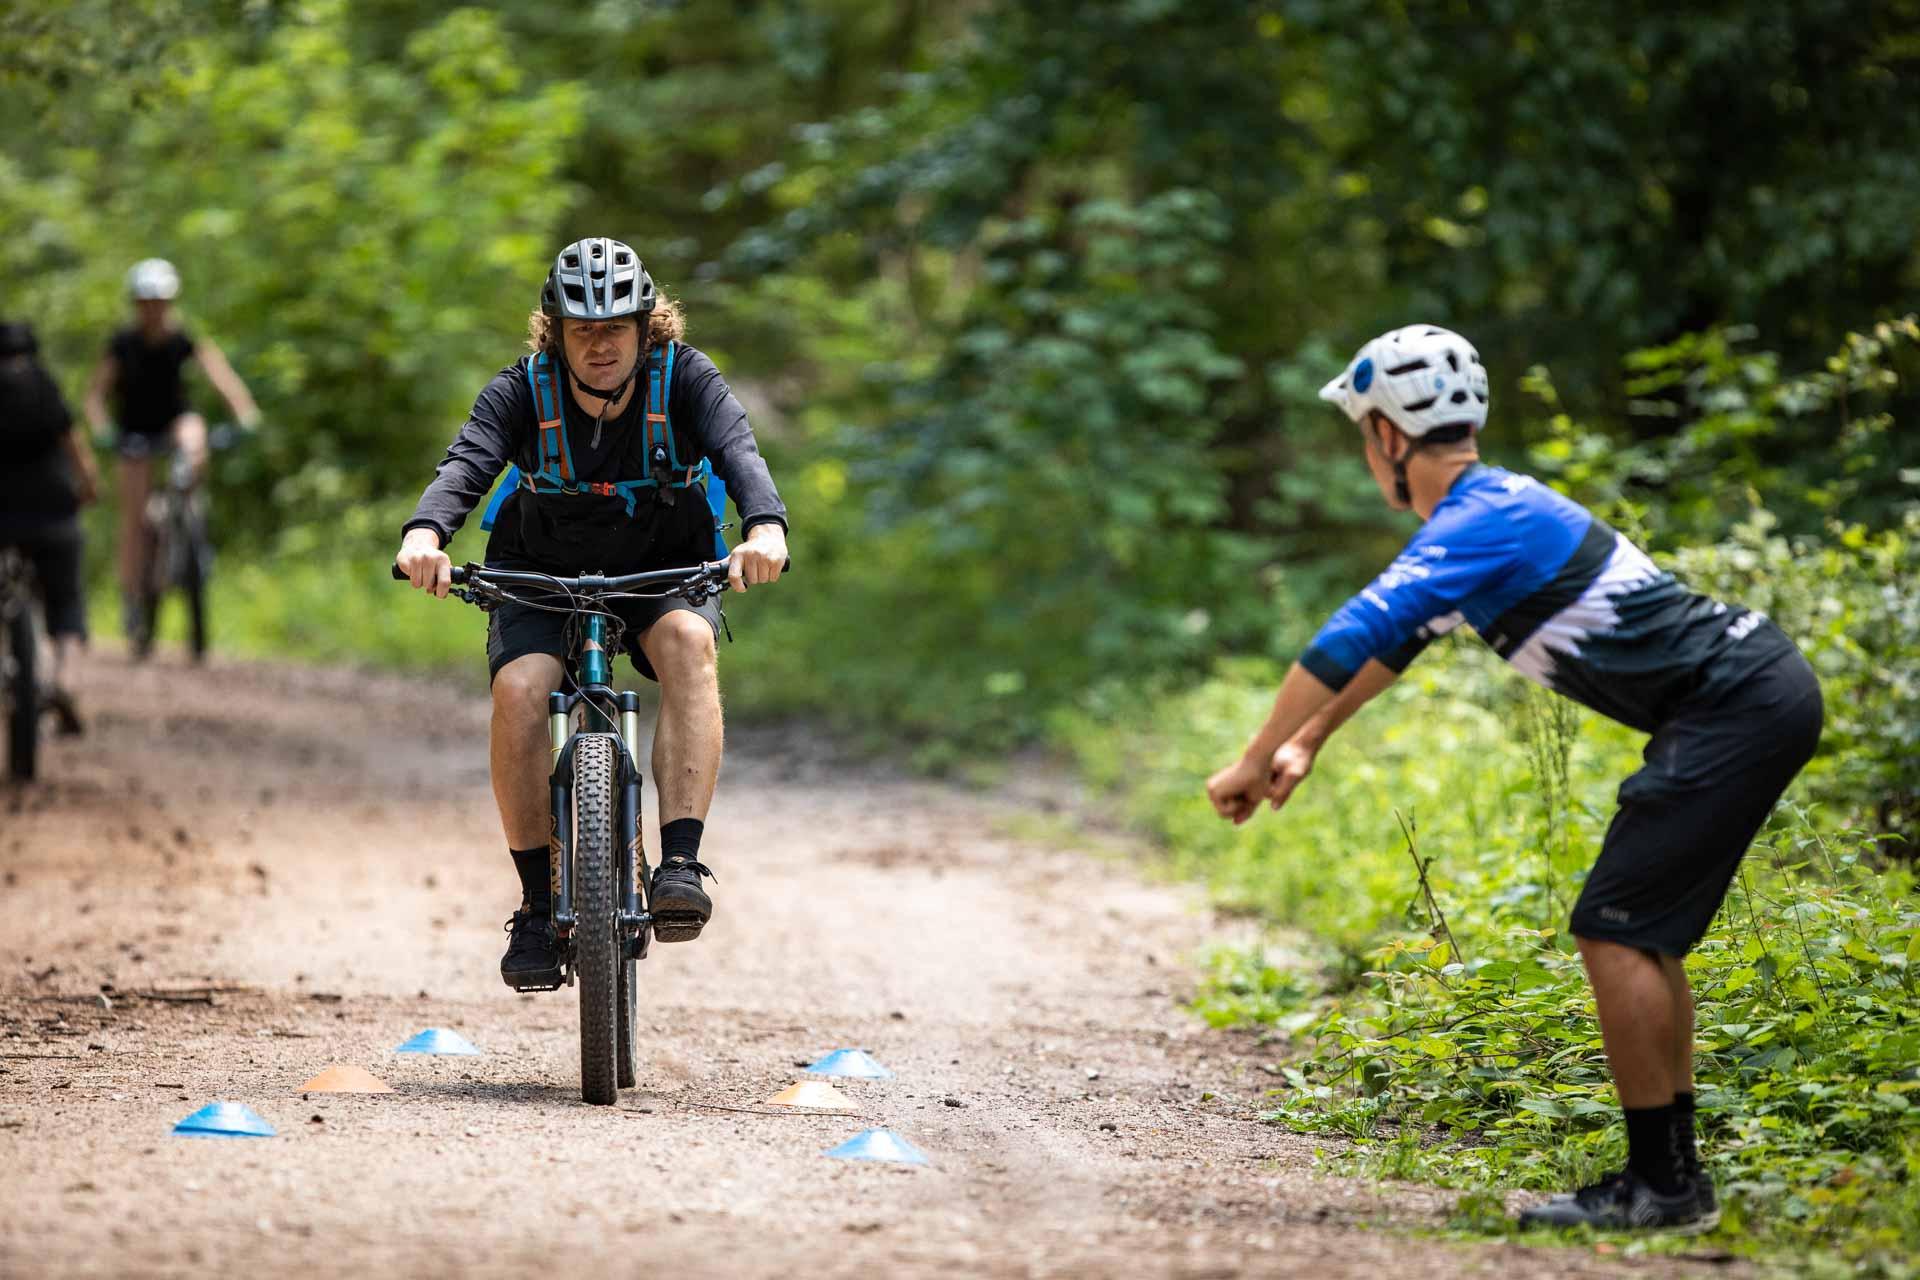 MTB Fahrtechnik Kurs für Einsteiger in Siegburg   Bonn - Mountainbike Basic - Rock my Trail Bikeschule - 16